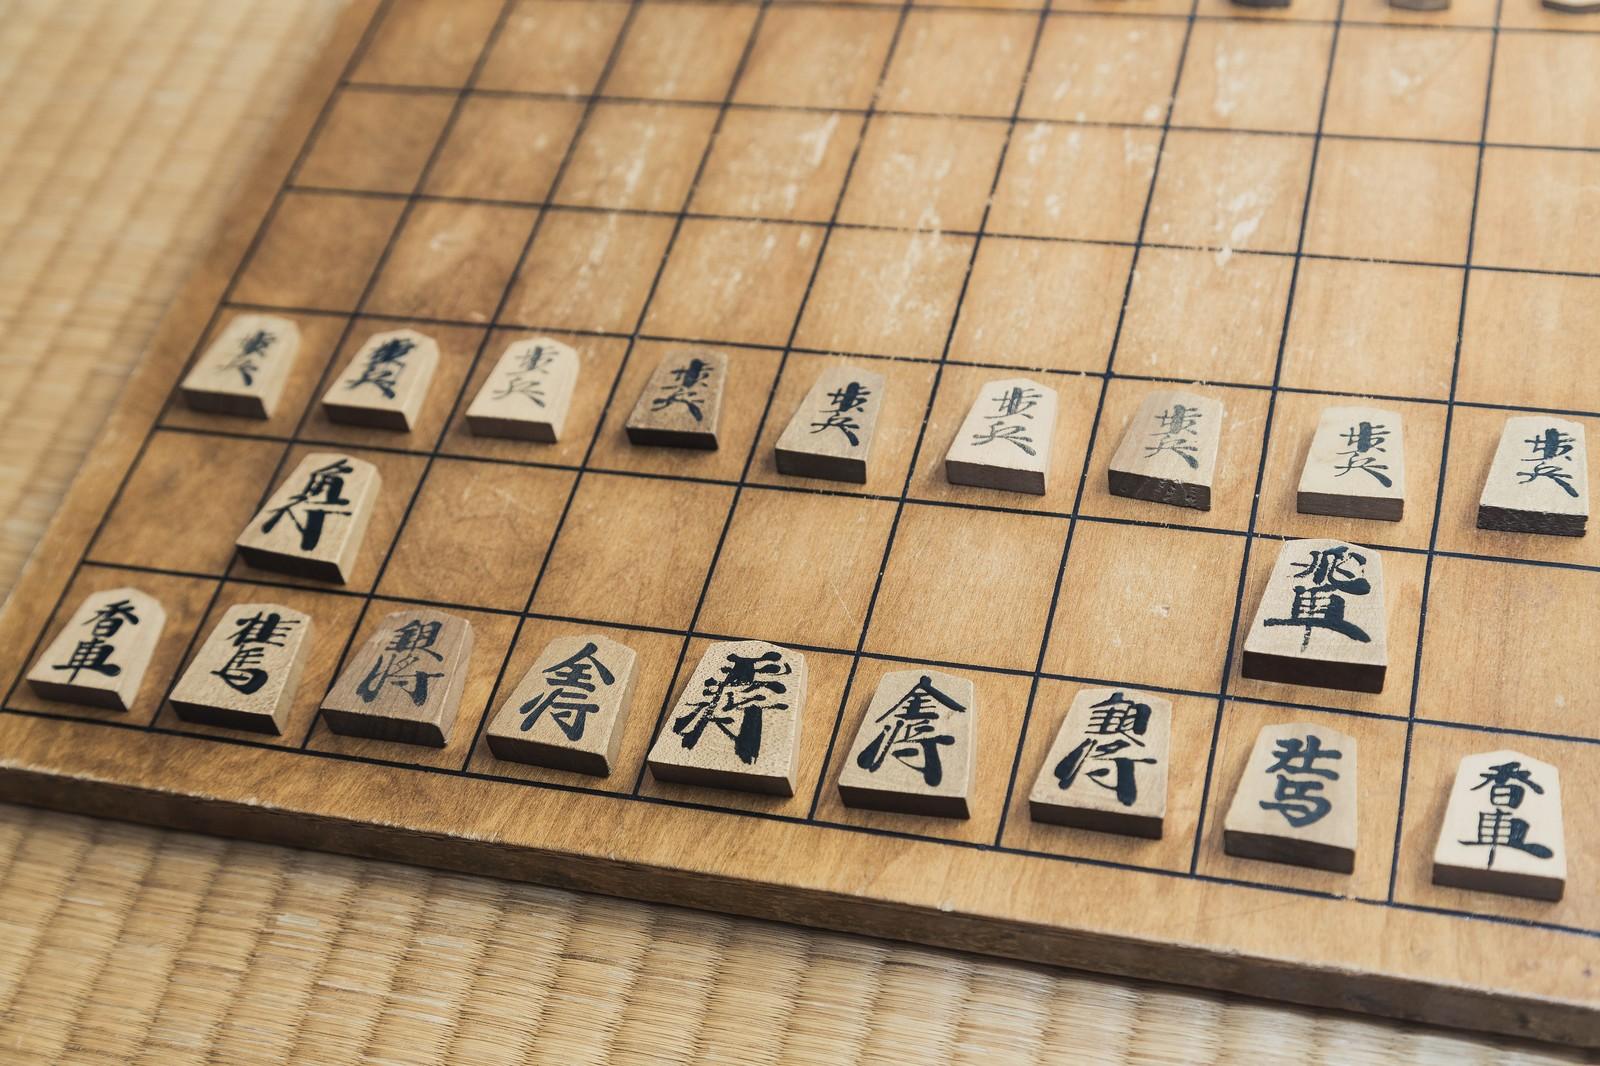 将棋の歩、裏に書かれた文字はと/今?|ことば検定10月10日